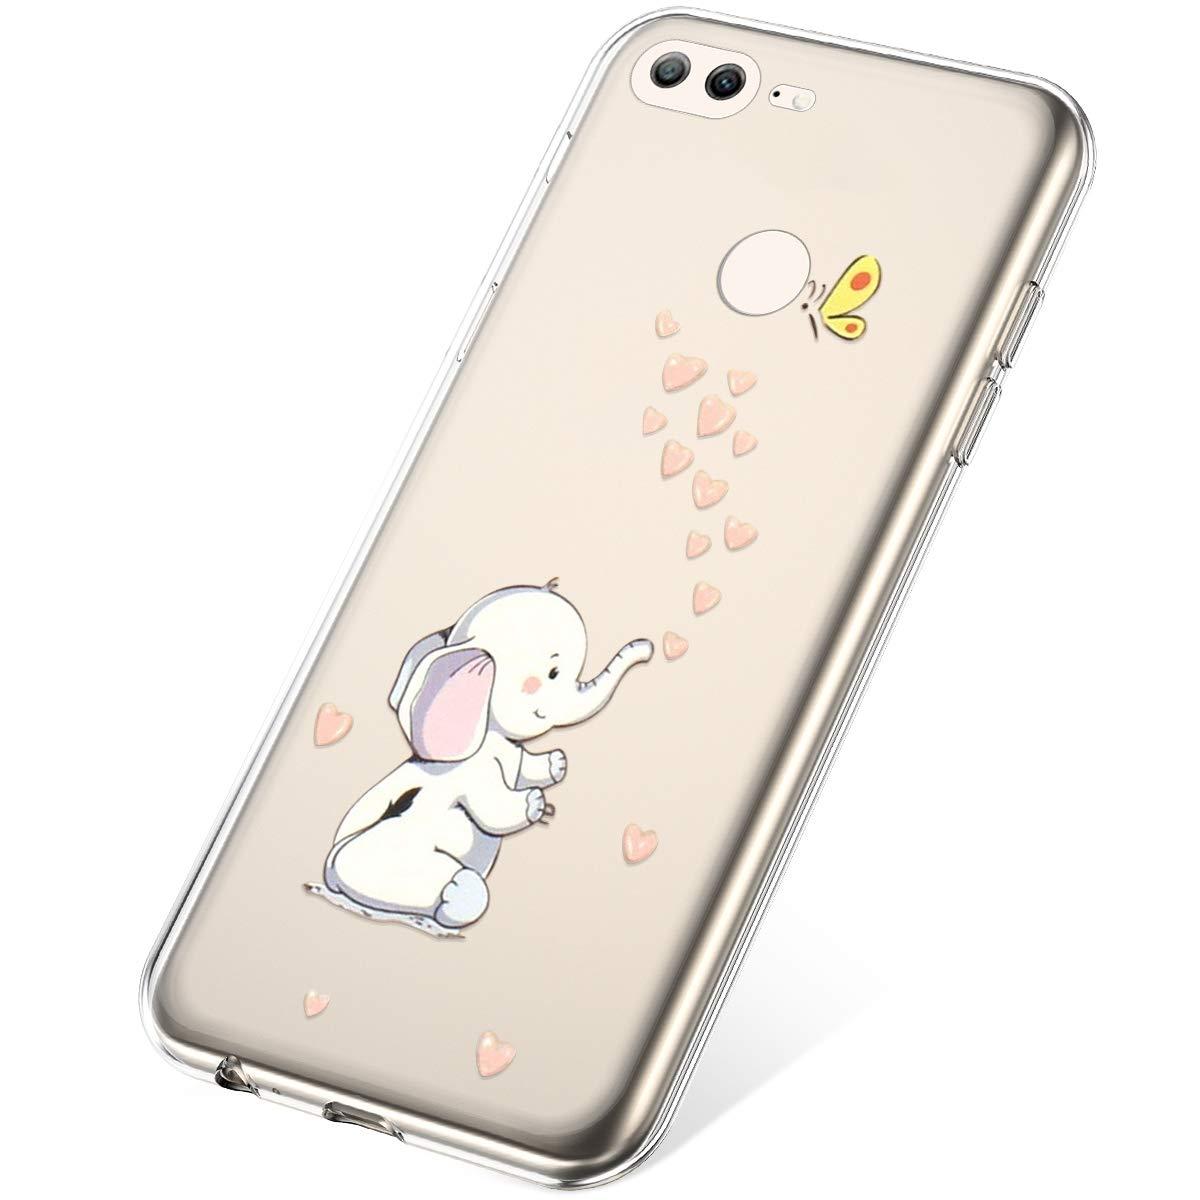 Etui Compatible avec Huawei Honor 9 Lite,Coque Huawei Honor 9 Lite Transparente Silicone Housse de Protection Ultra Mince en Caoutchouc Souple Coquille Anti Choc T/él/éphone Bumper Case,Marguerite